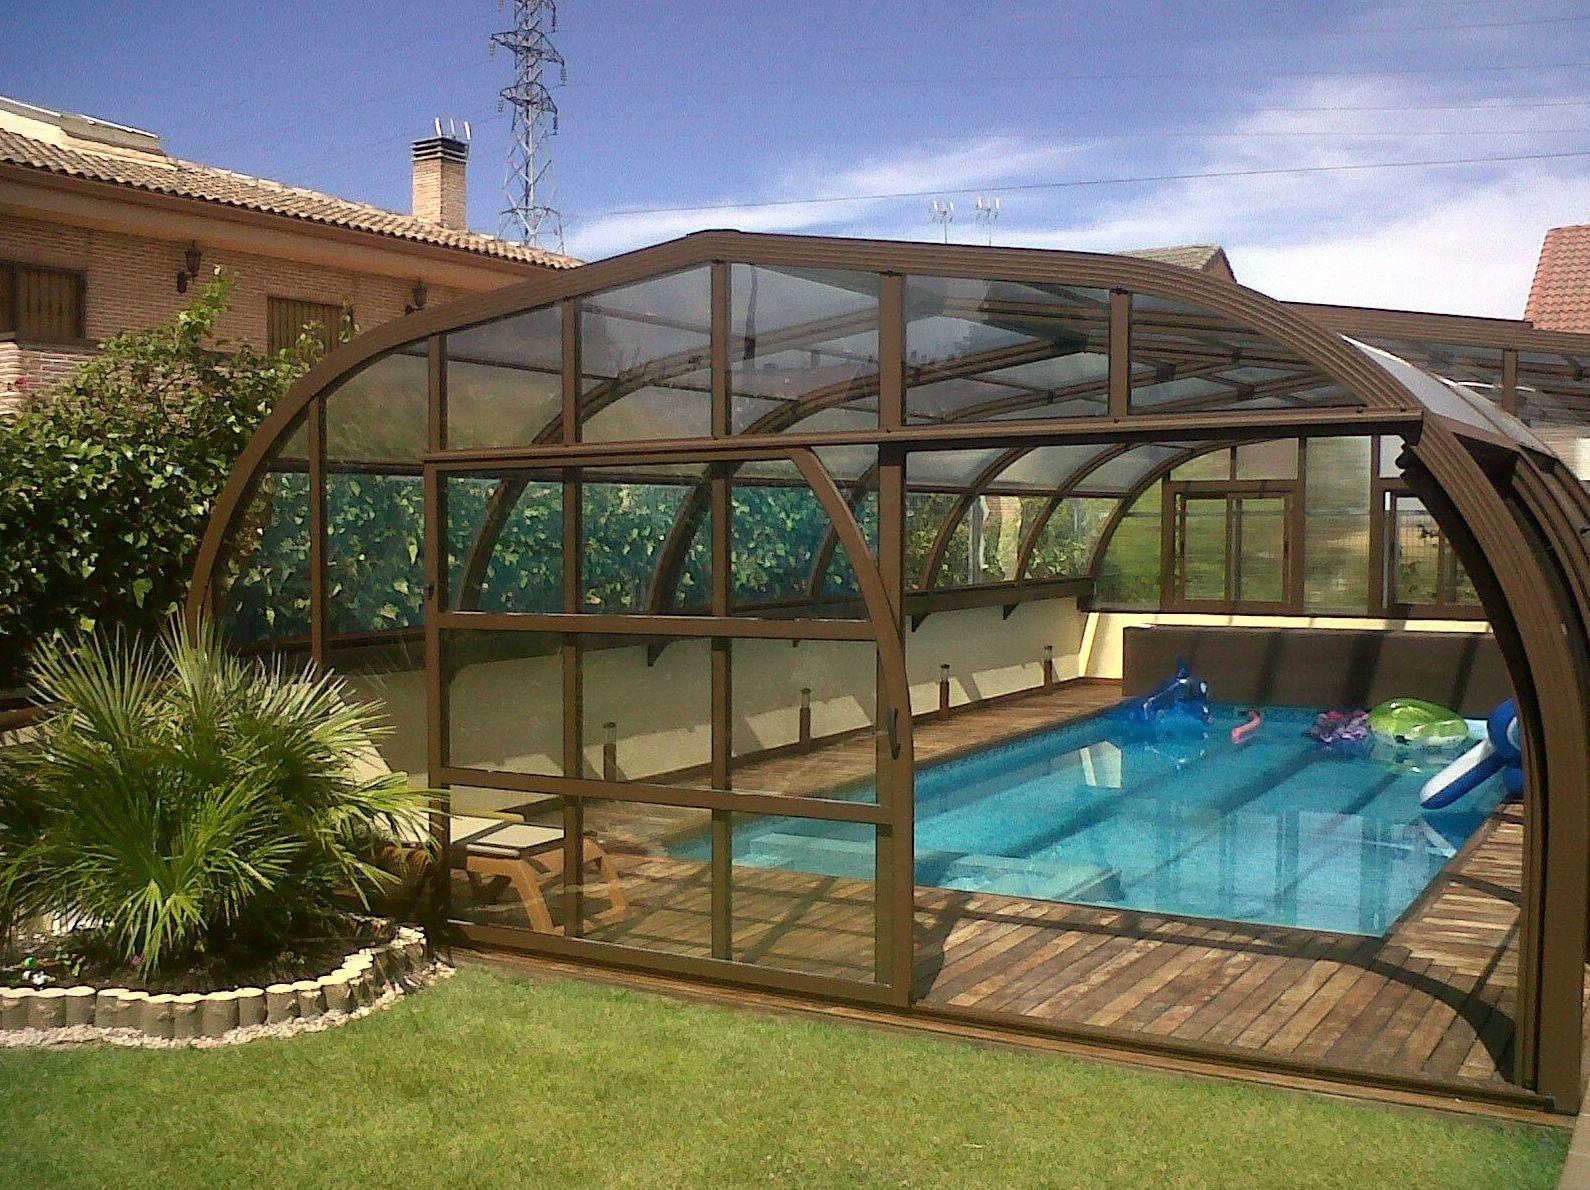 Foto 9 de Instalación de piscinas  en España | Piscinas Castilla - Construcción y Rehabilitación